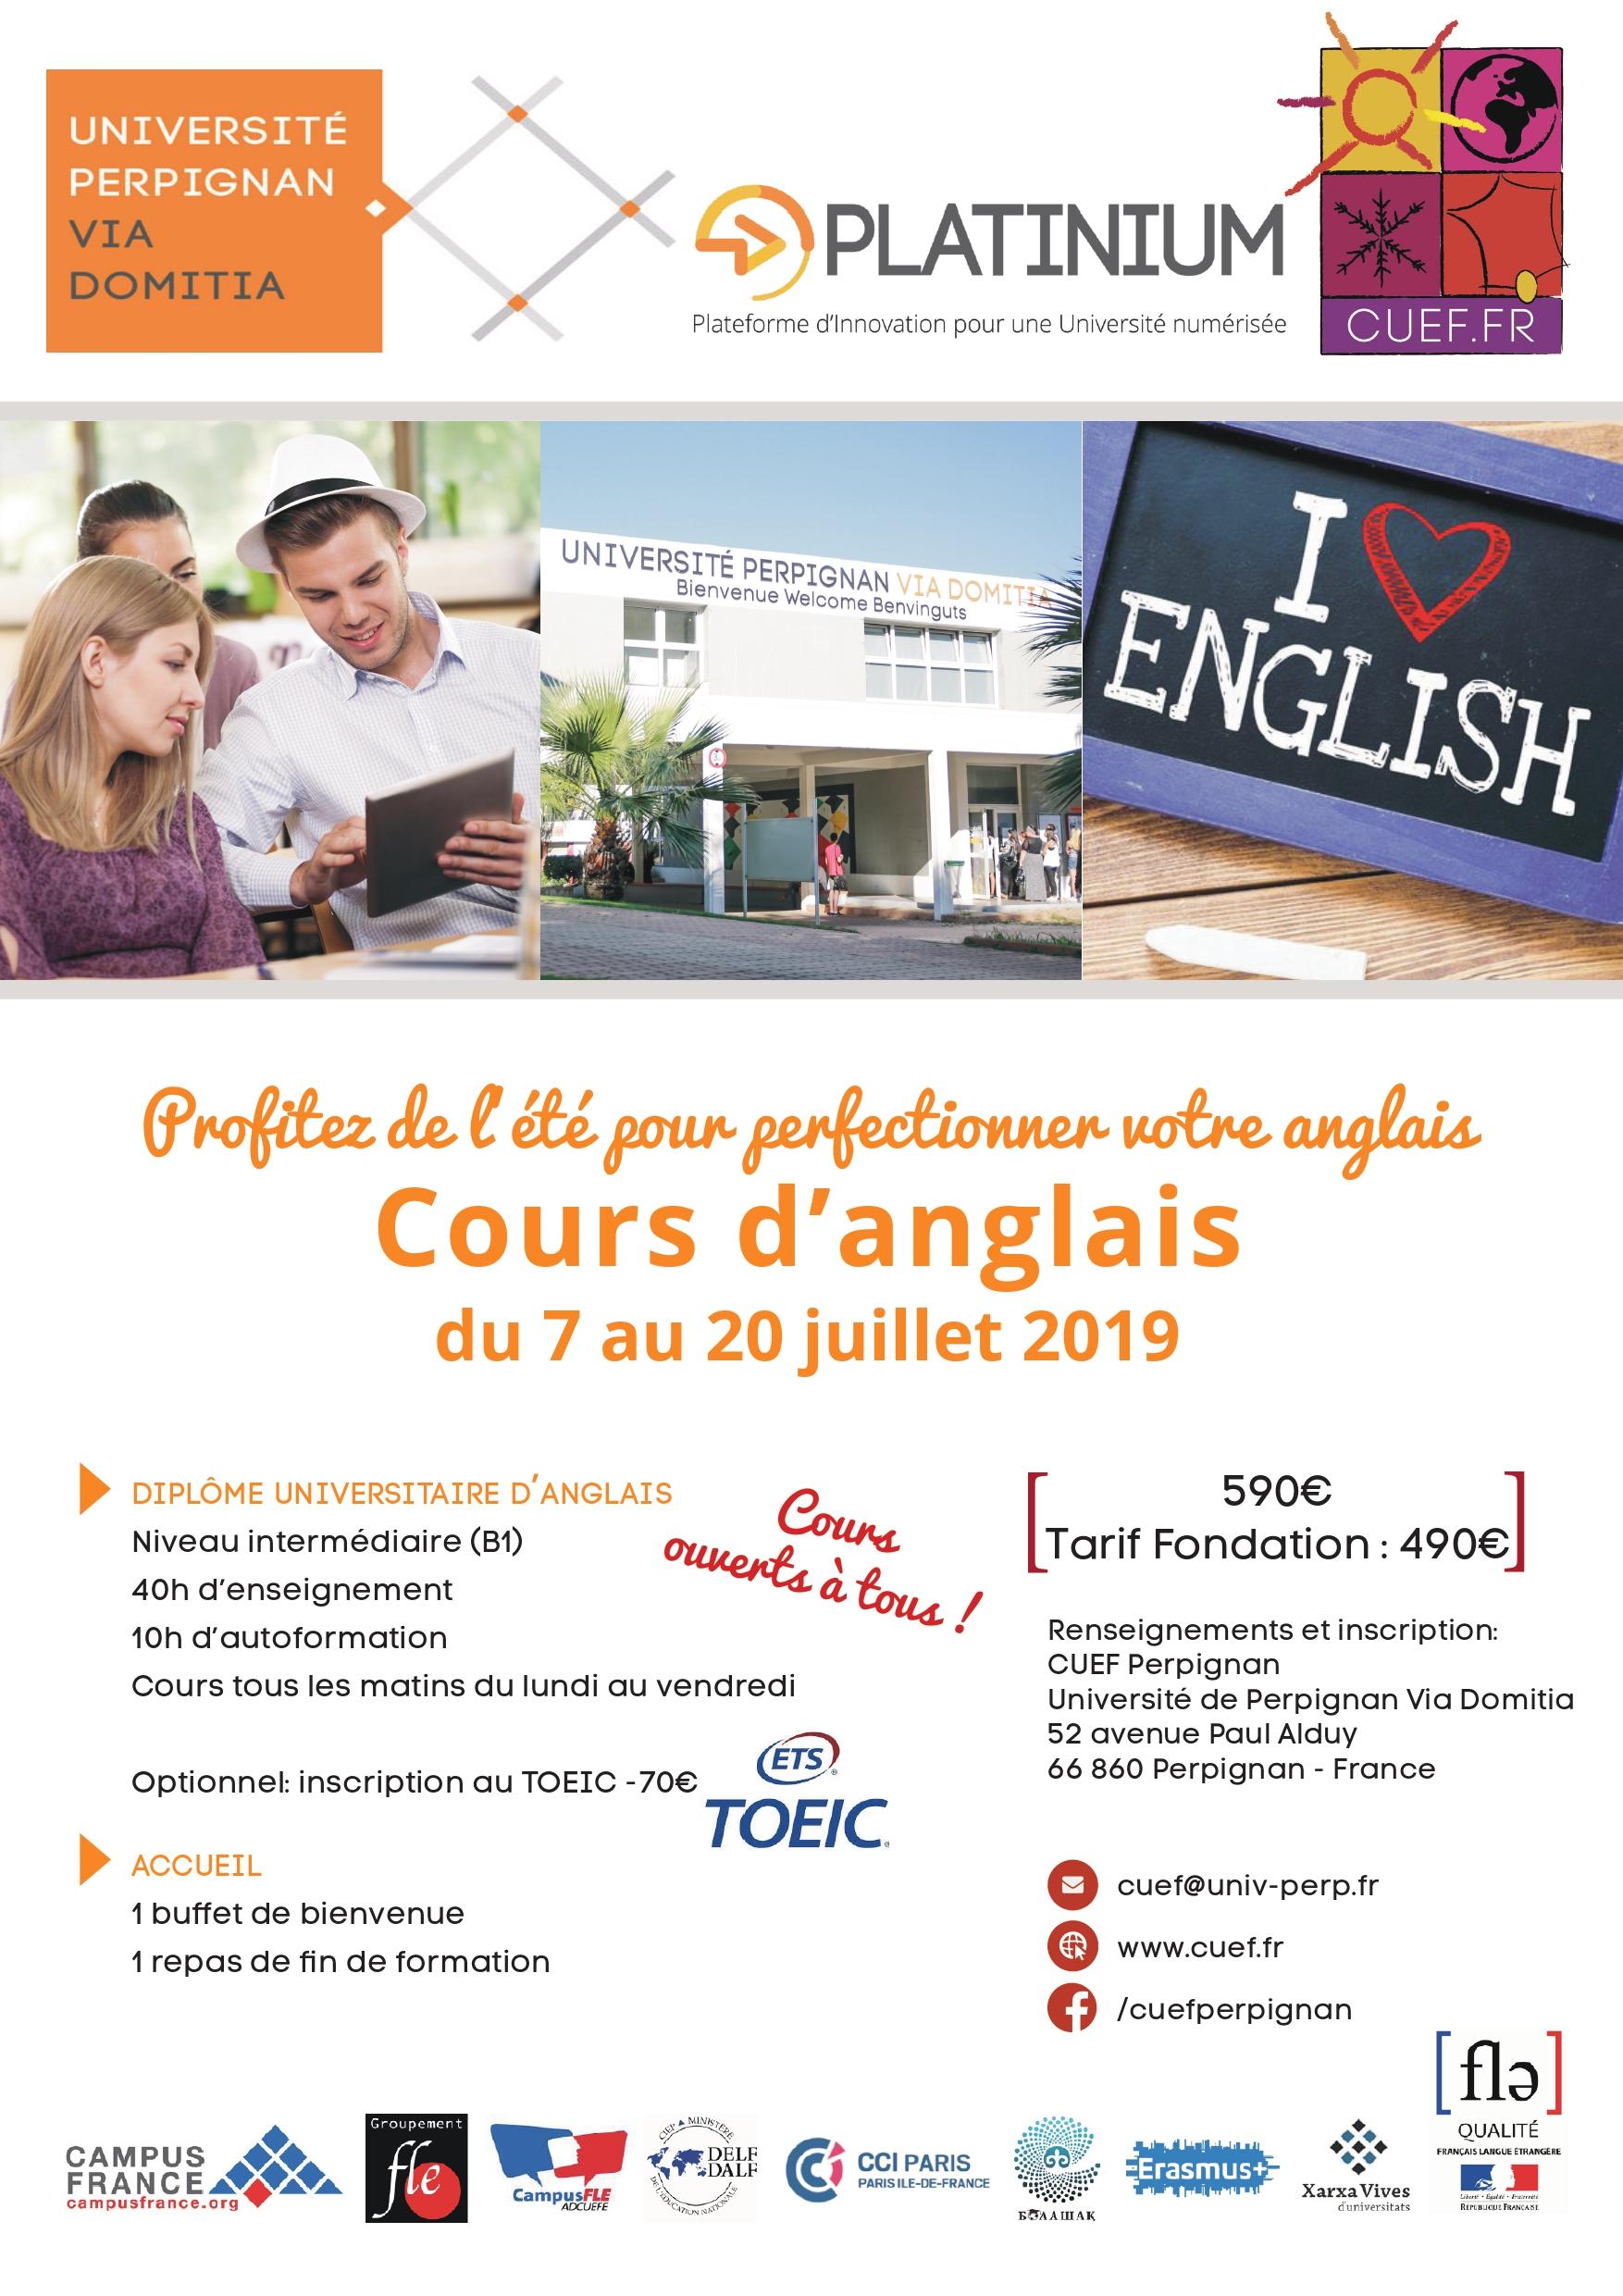 Cours d'anglais d'été